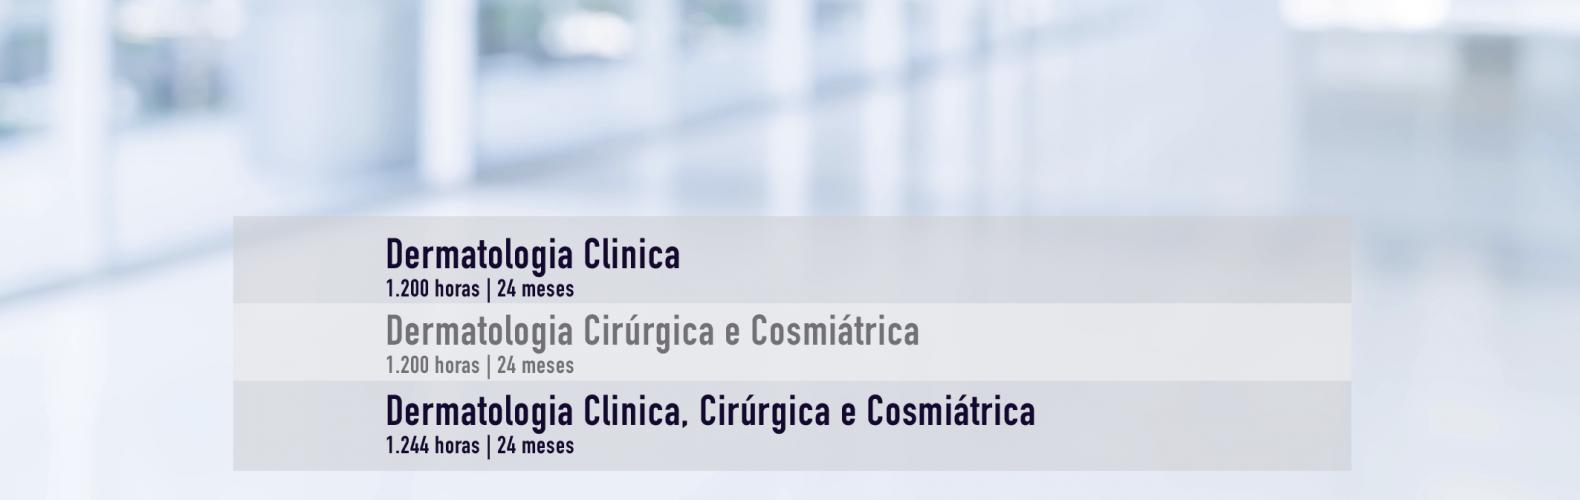 cbms-slide-05_Prancheta 1